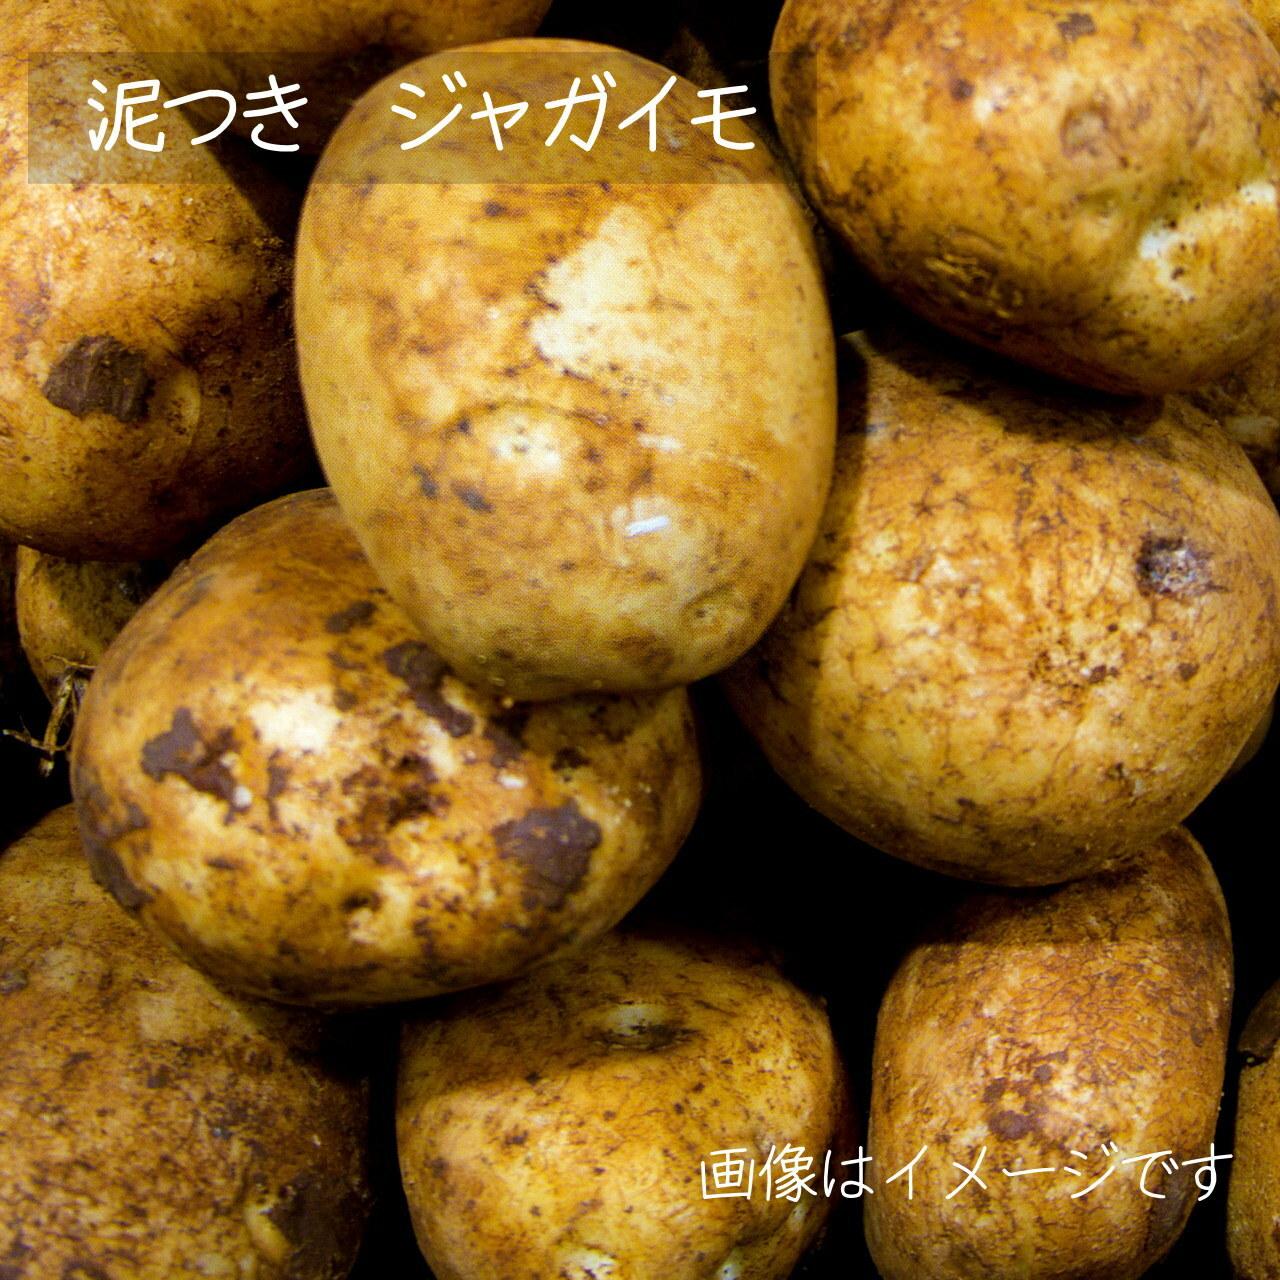 6月の朝採り直売野菜 : ジャガイモ 約500g 春の新鮮野菜 6月13日発送予定